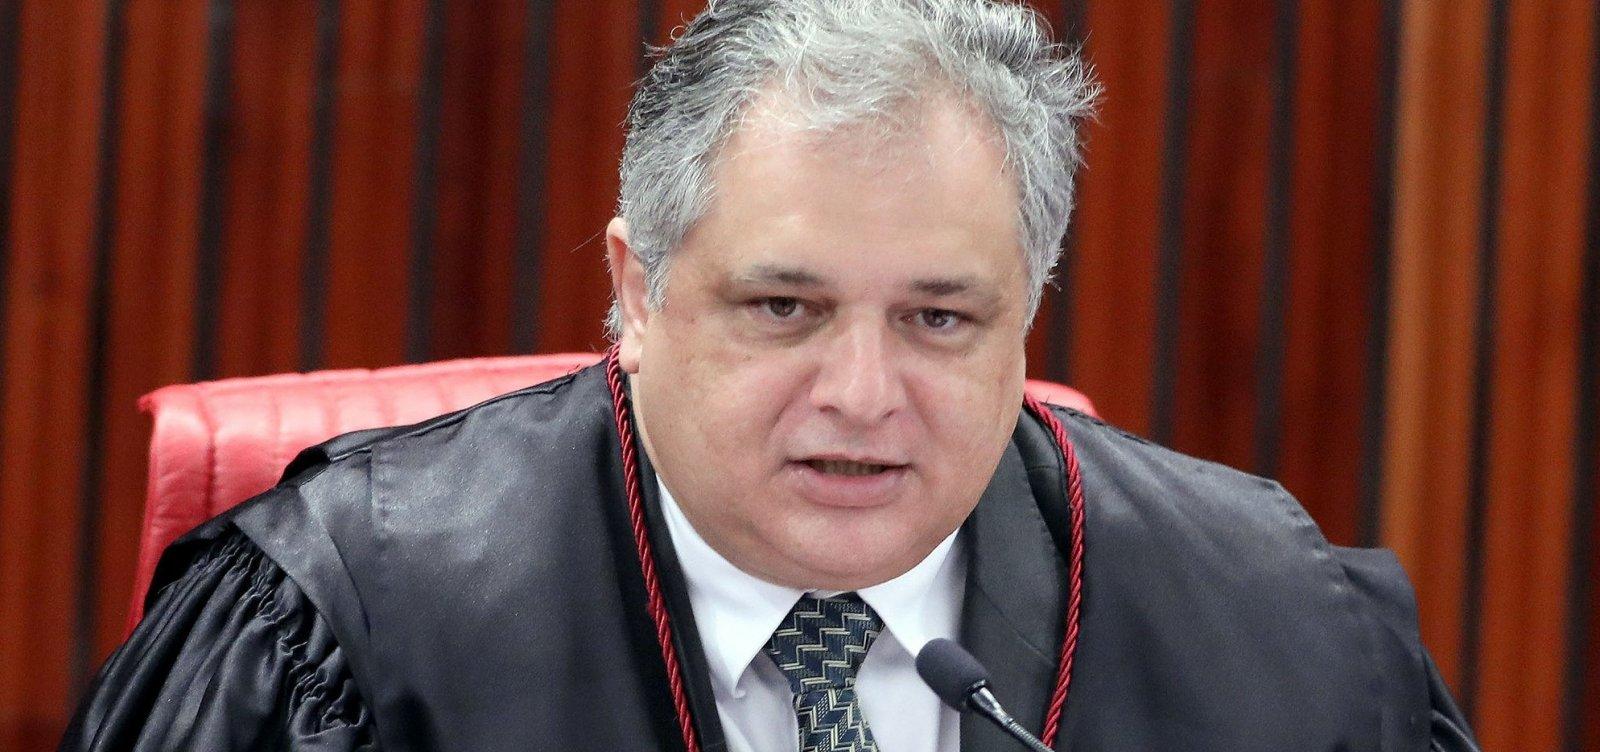 [Procurador eleitoral diz que volume de 'fake news' nas eleições 'não é alarmante']